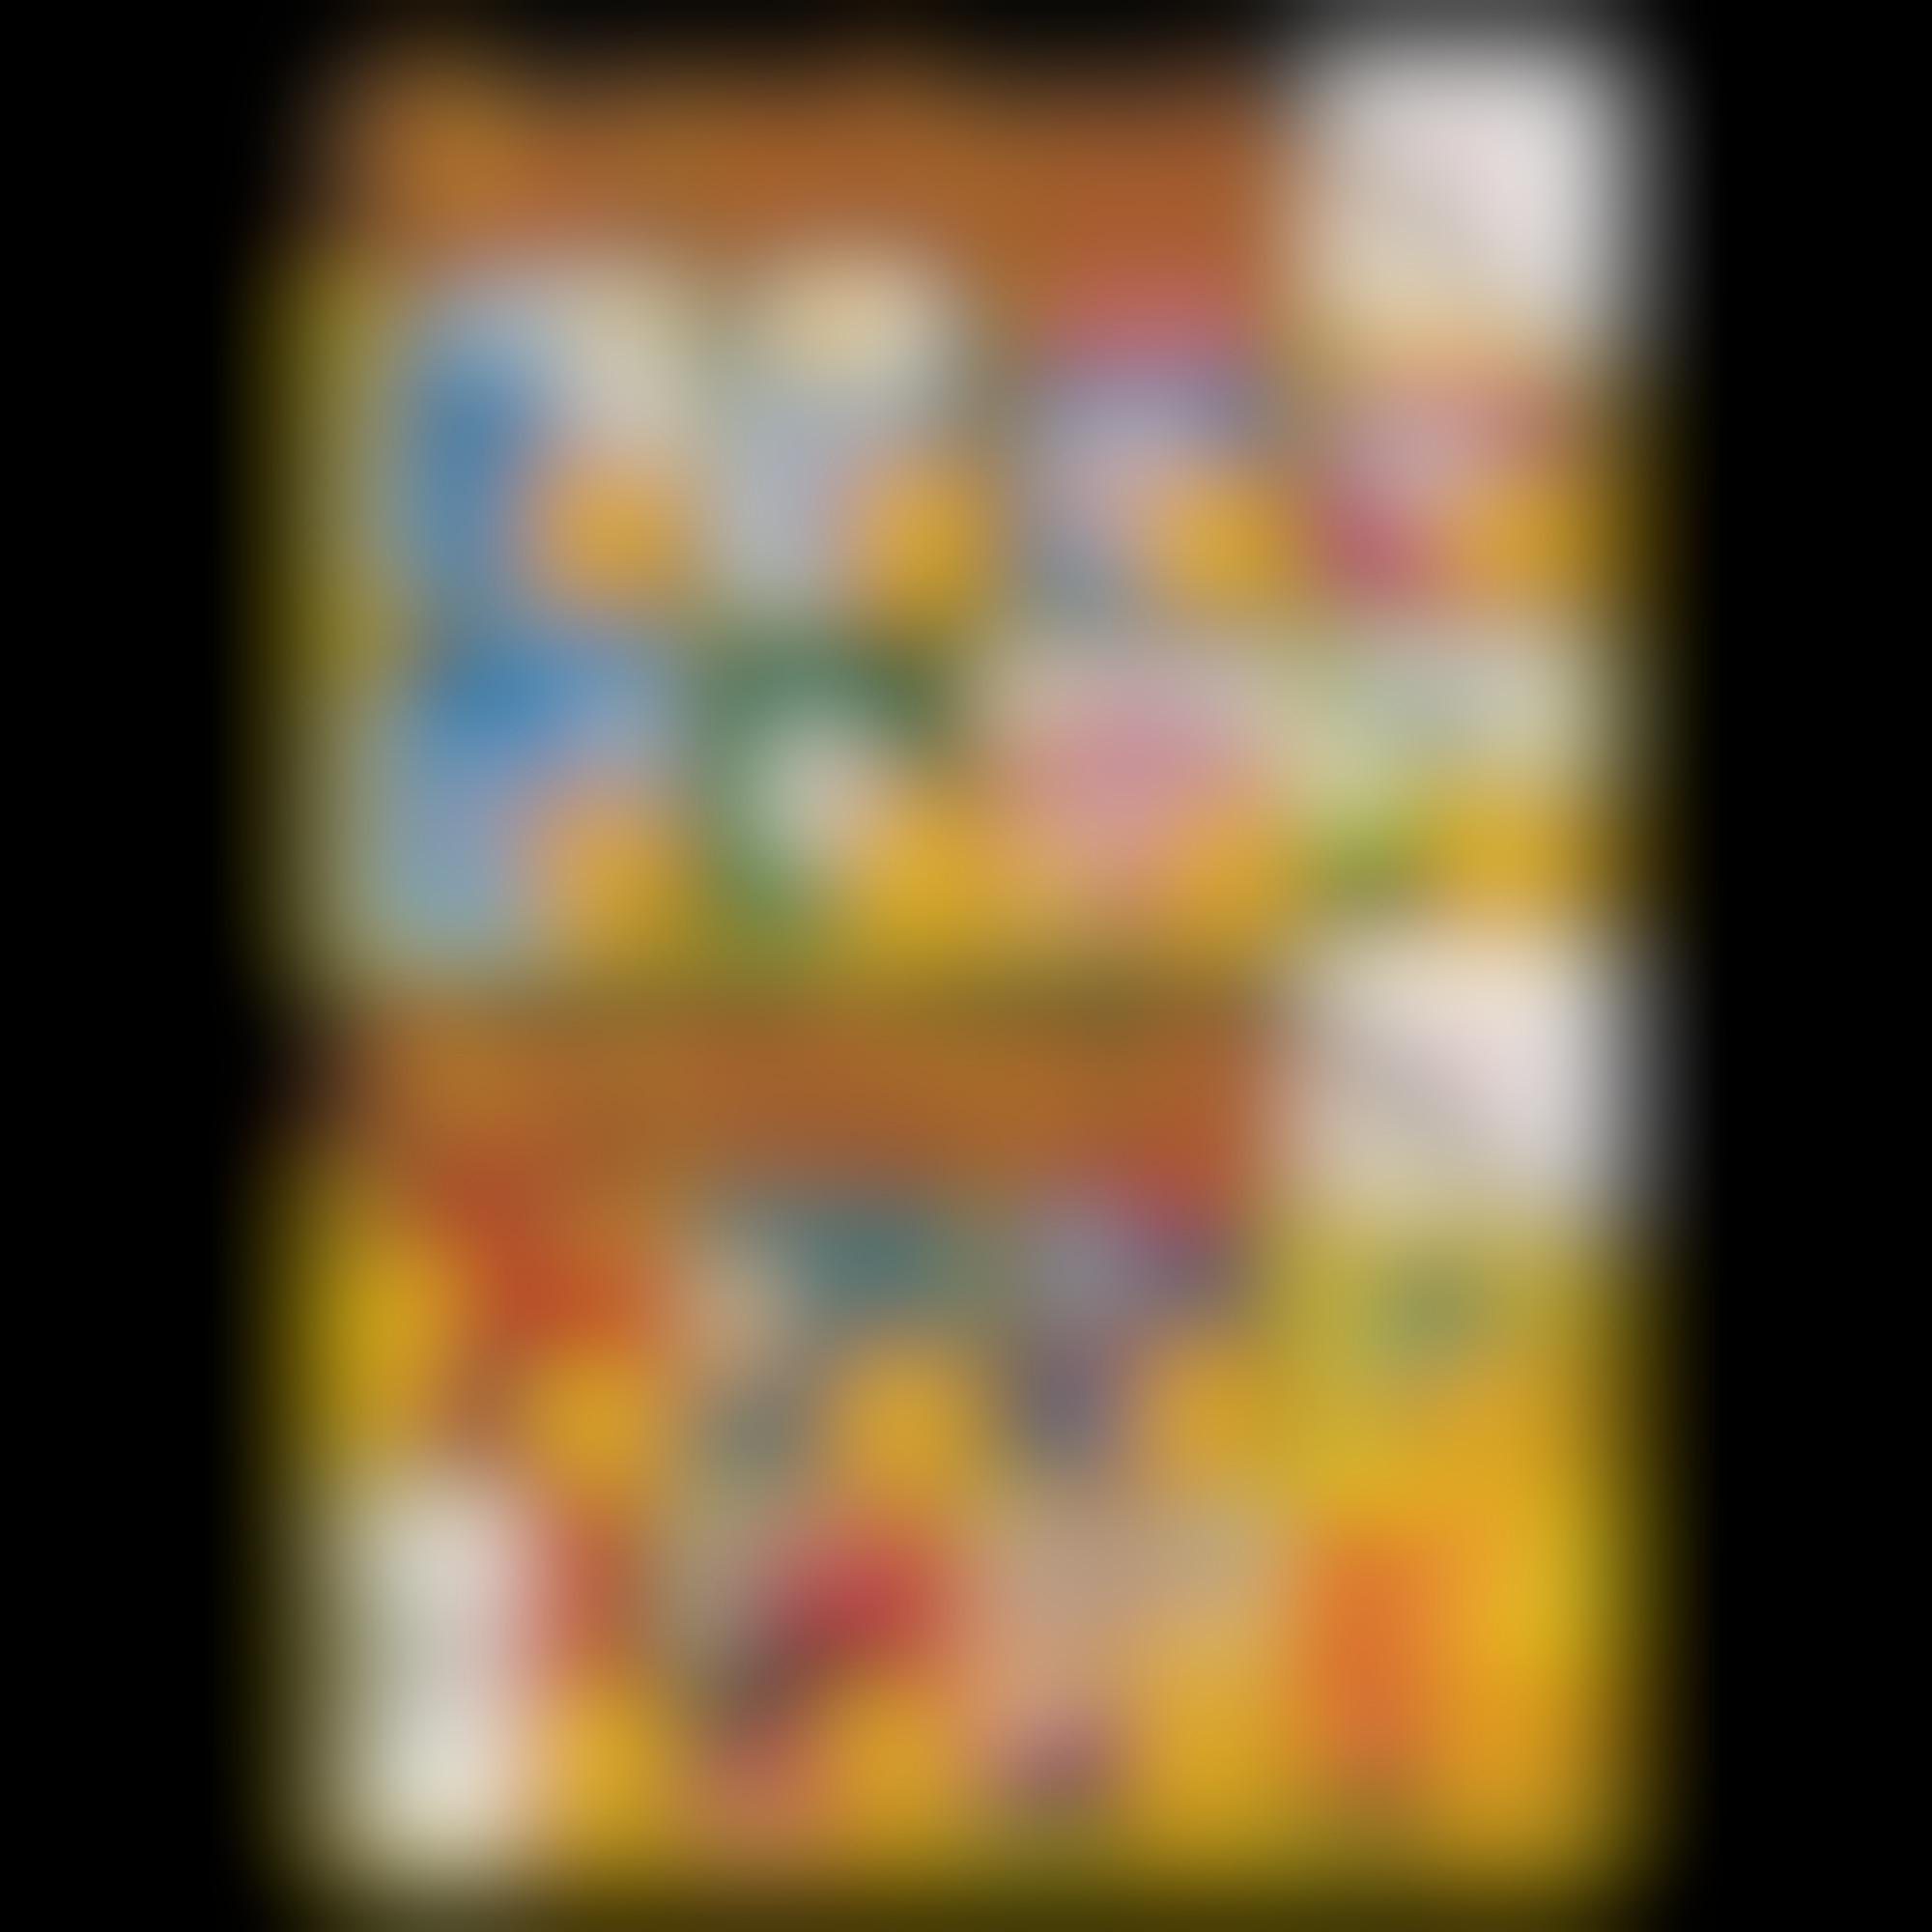 Weanfarm3 autocompressfitresizeixlibphp 1 1 0max h2000max w3 D2000q80s4d7c2eccfb000977ec01dc727ccf80c1